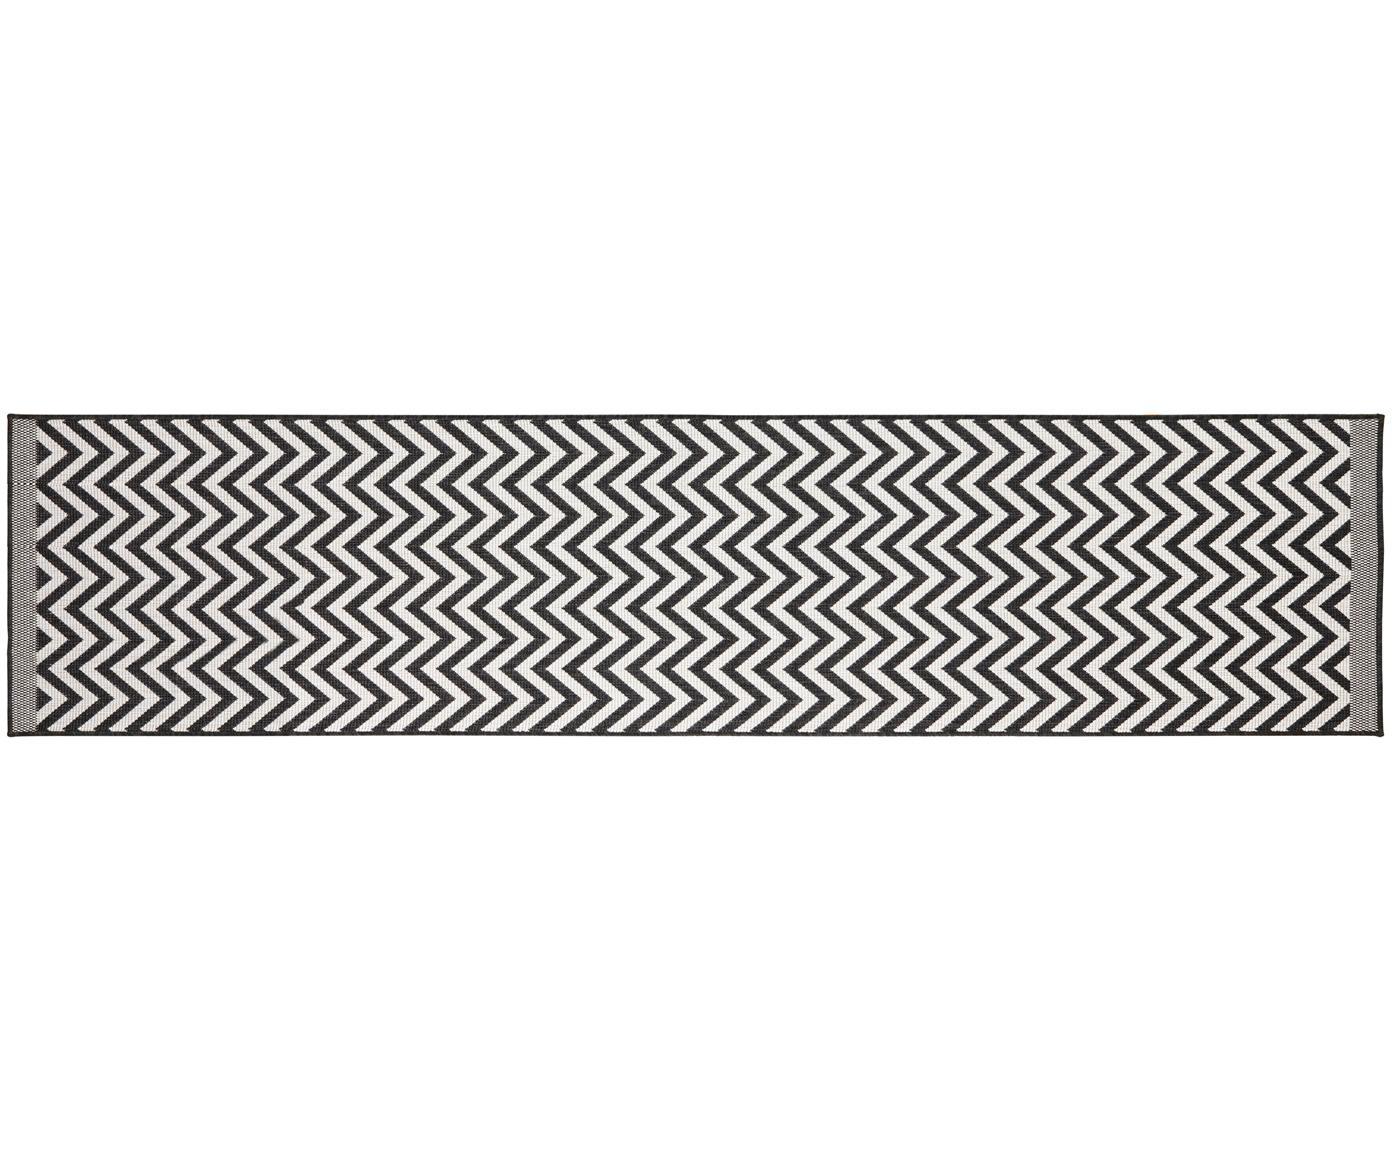 In- & Outdoor-Läufer Palma mit Zickzack-Muster, beidseitig verwendbar, Schwarz, Creme, 80 x 350 cm